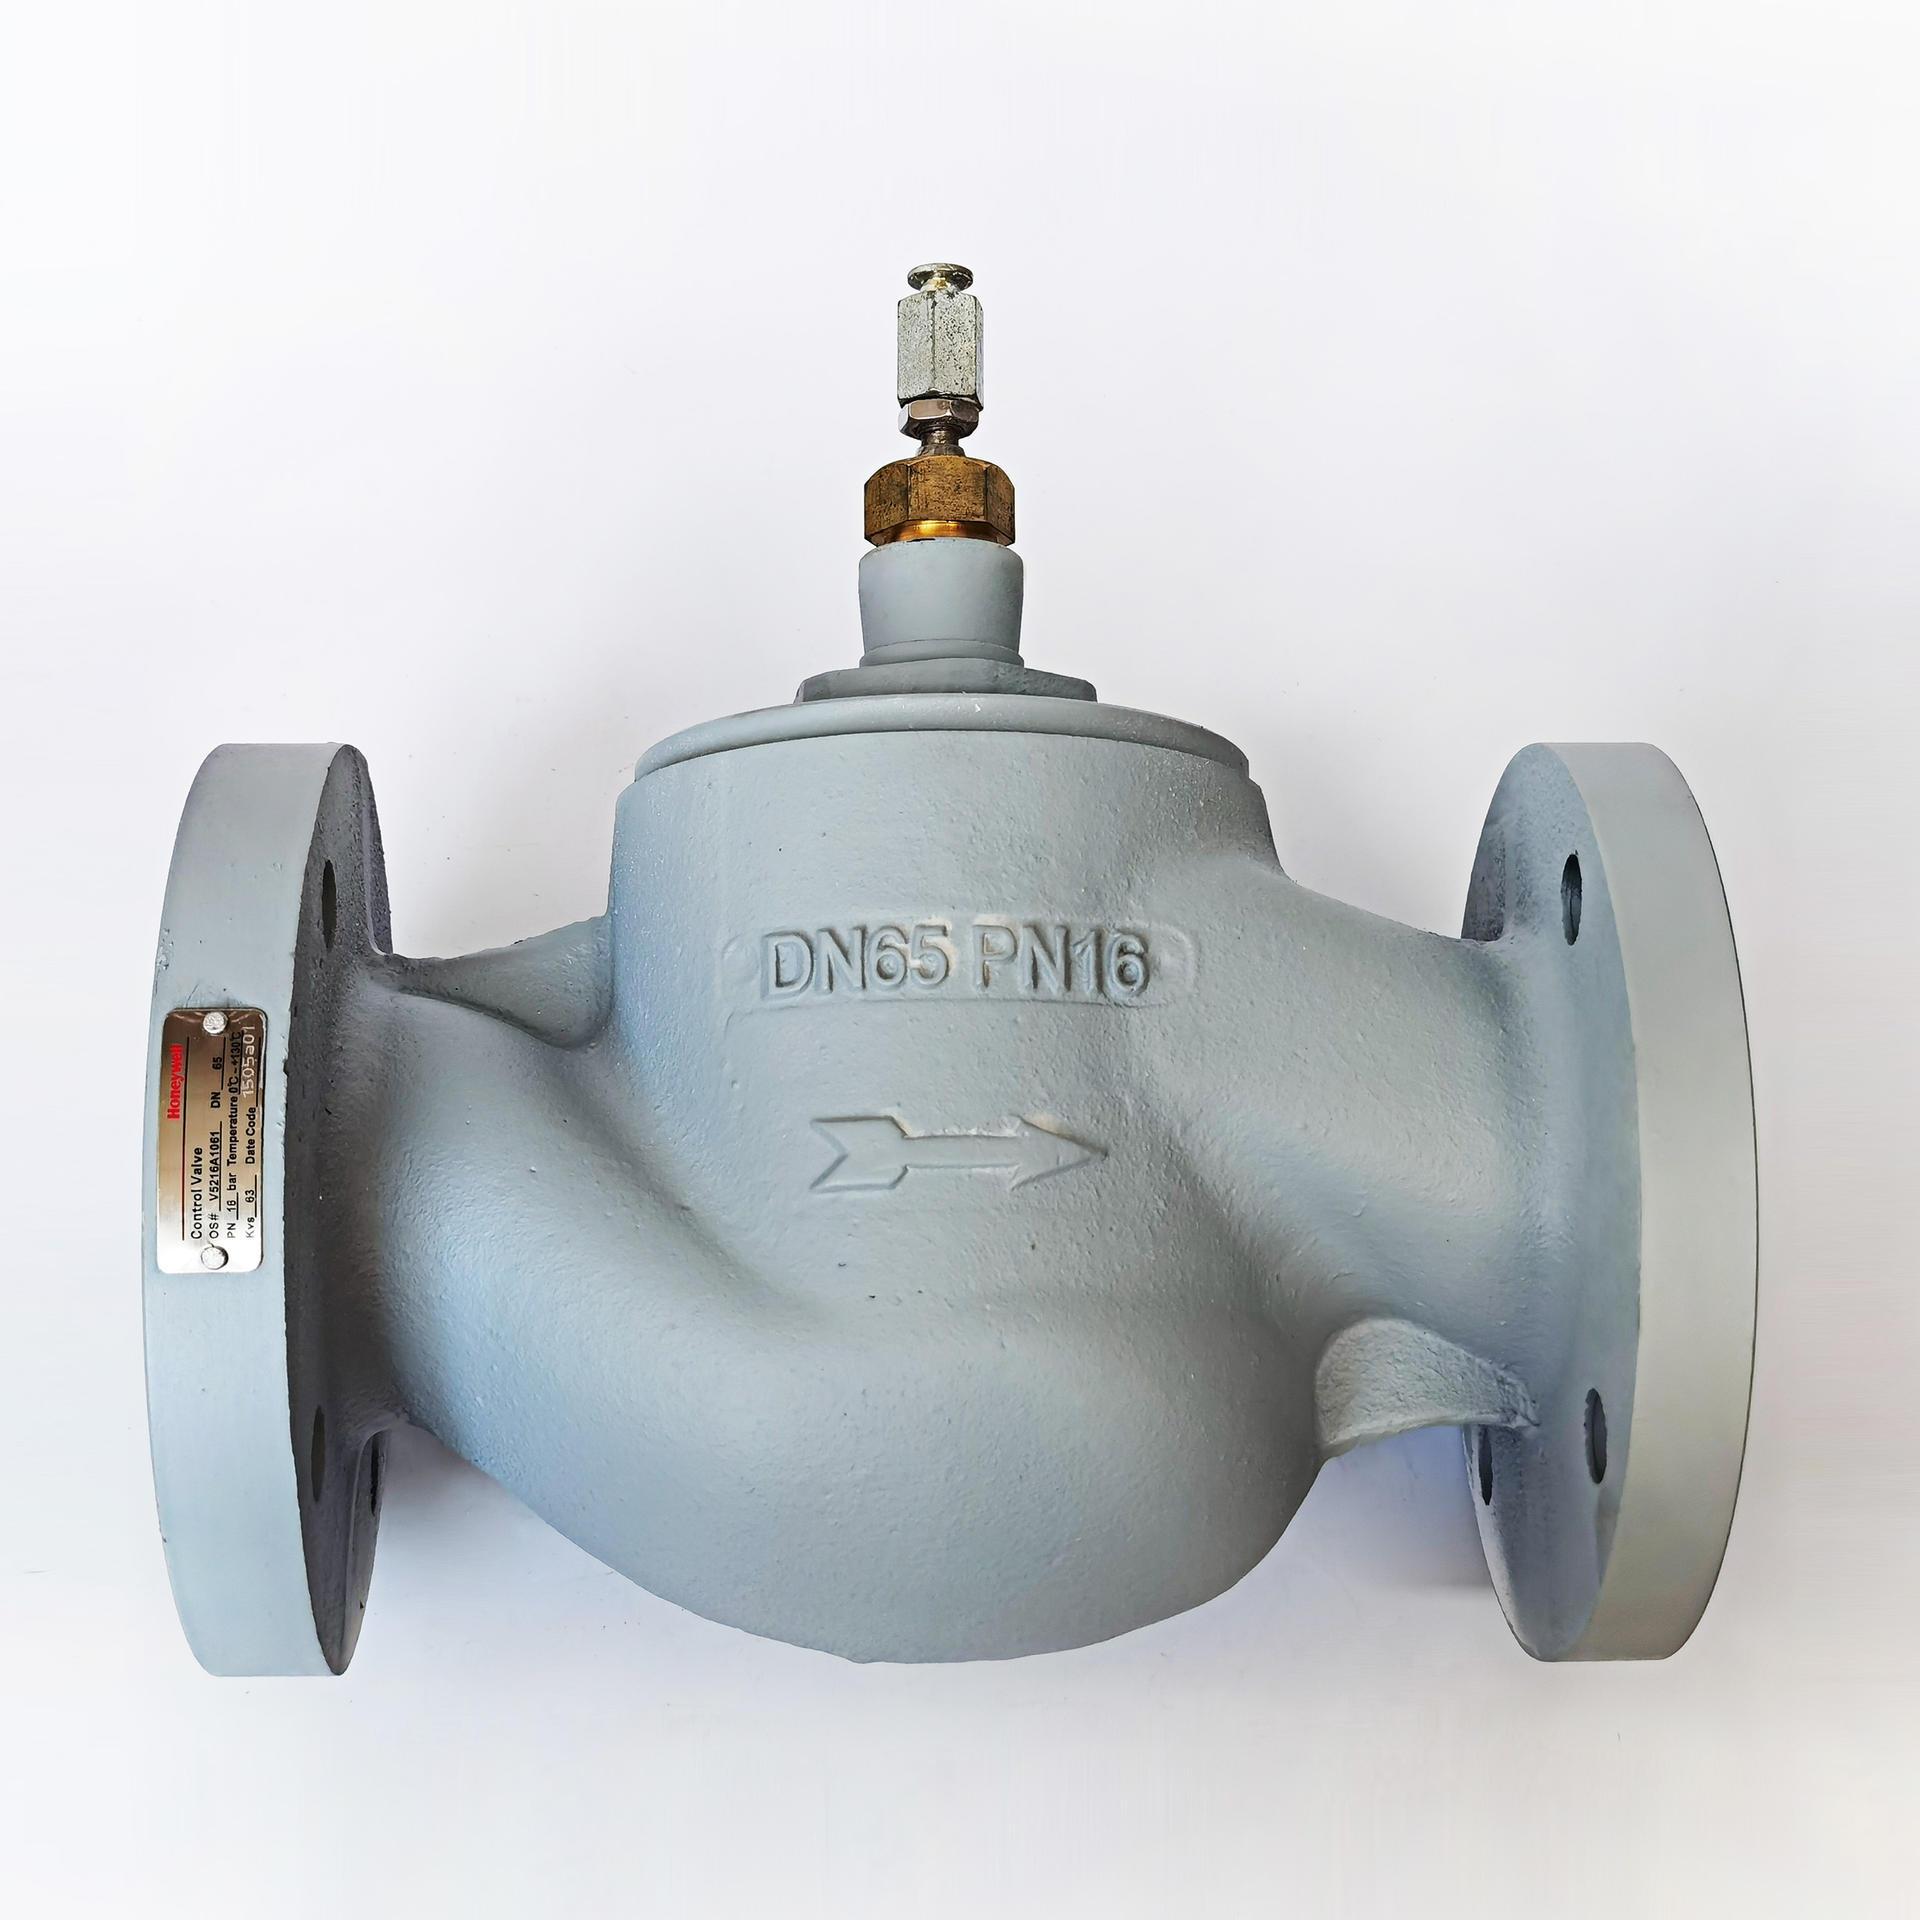 V5216A1061 DN65 两通电动法兰阀 (2)-产.jpg